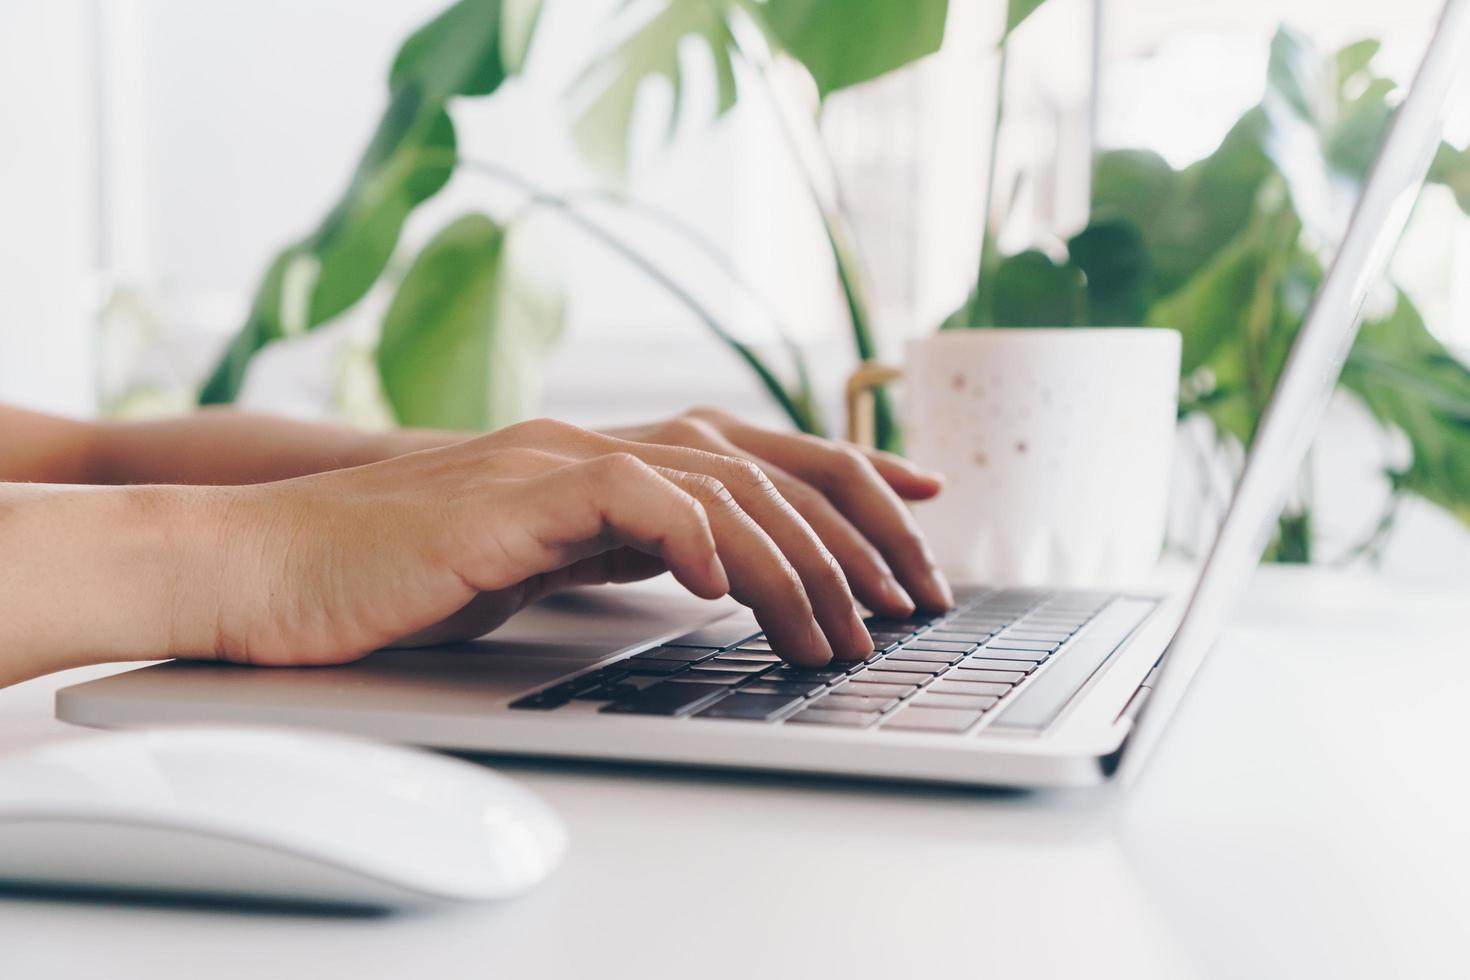 pessoa usando um laptop para estudar na mesa de trabalho foto